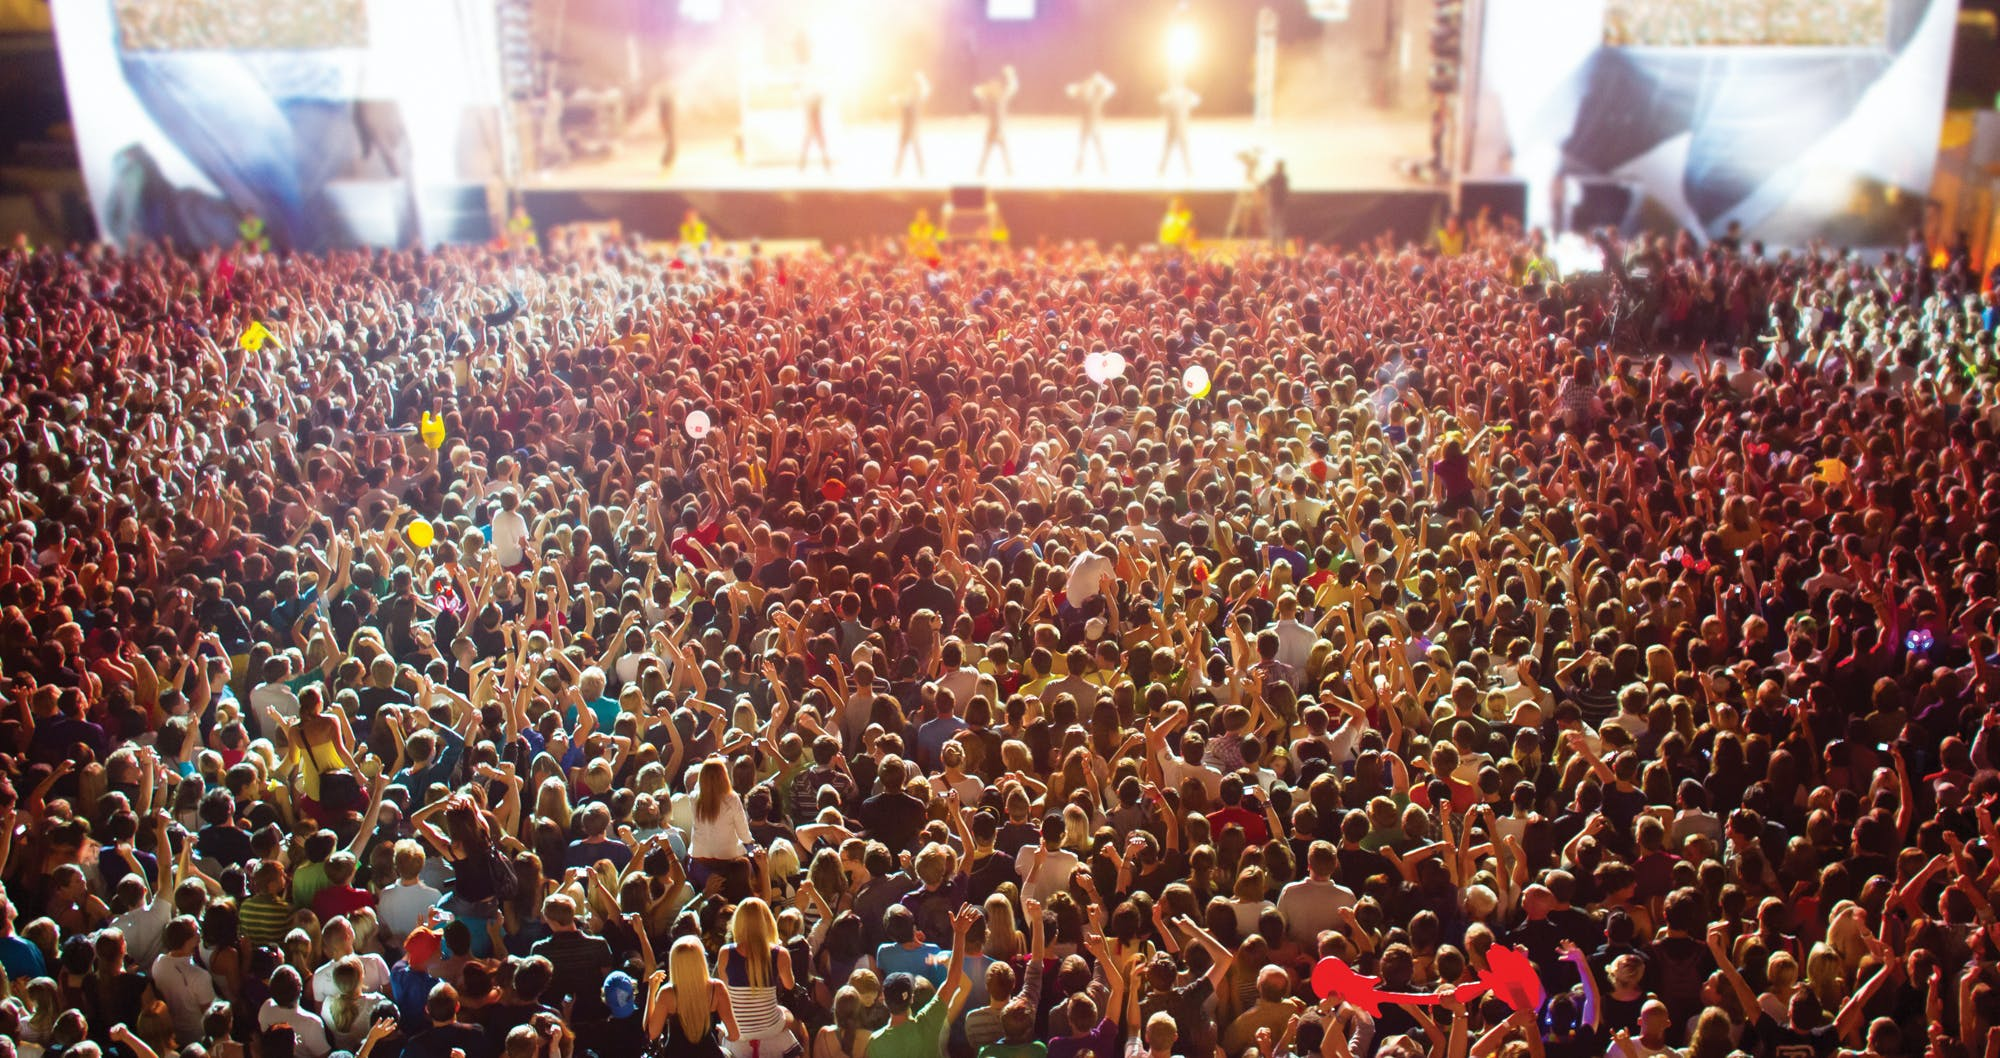 crowd-hype-2014-fullwidth